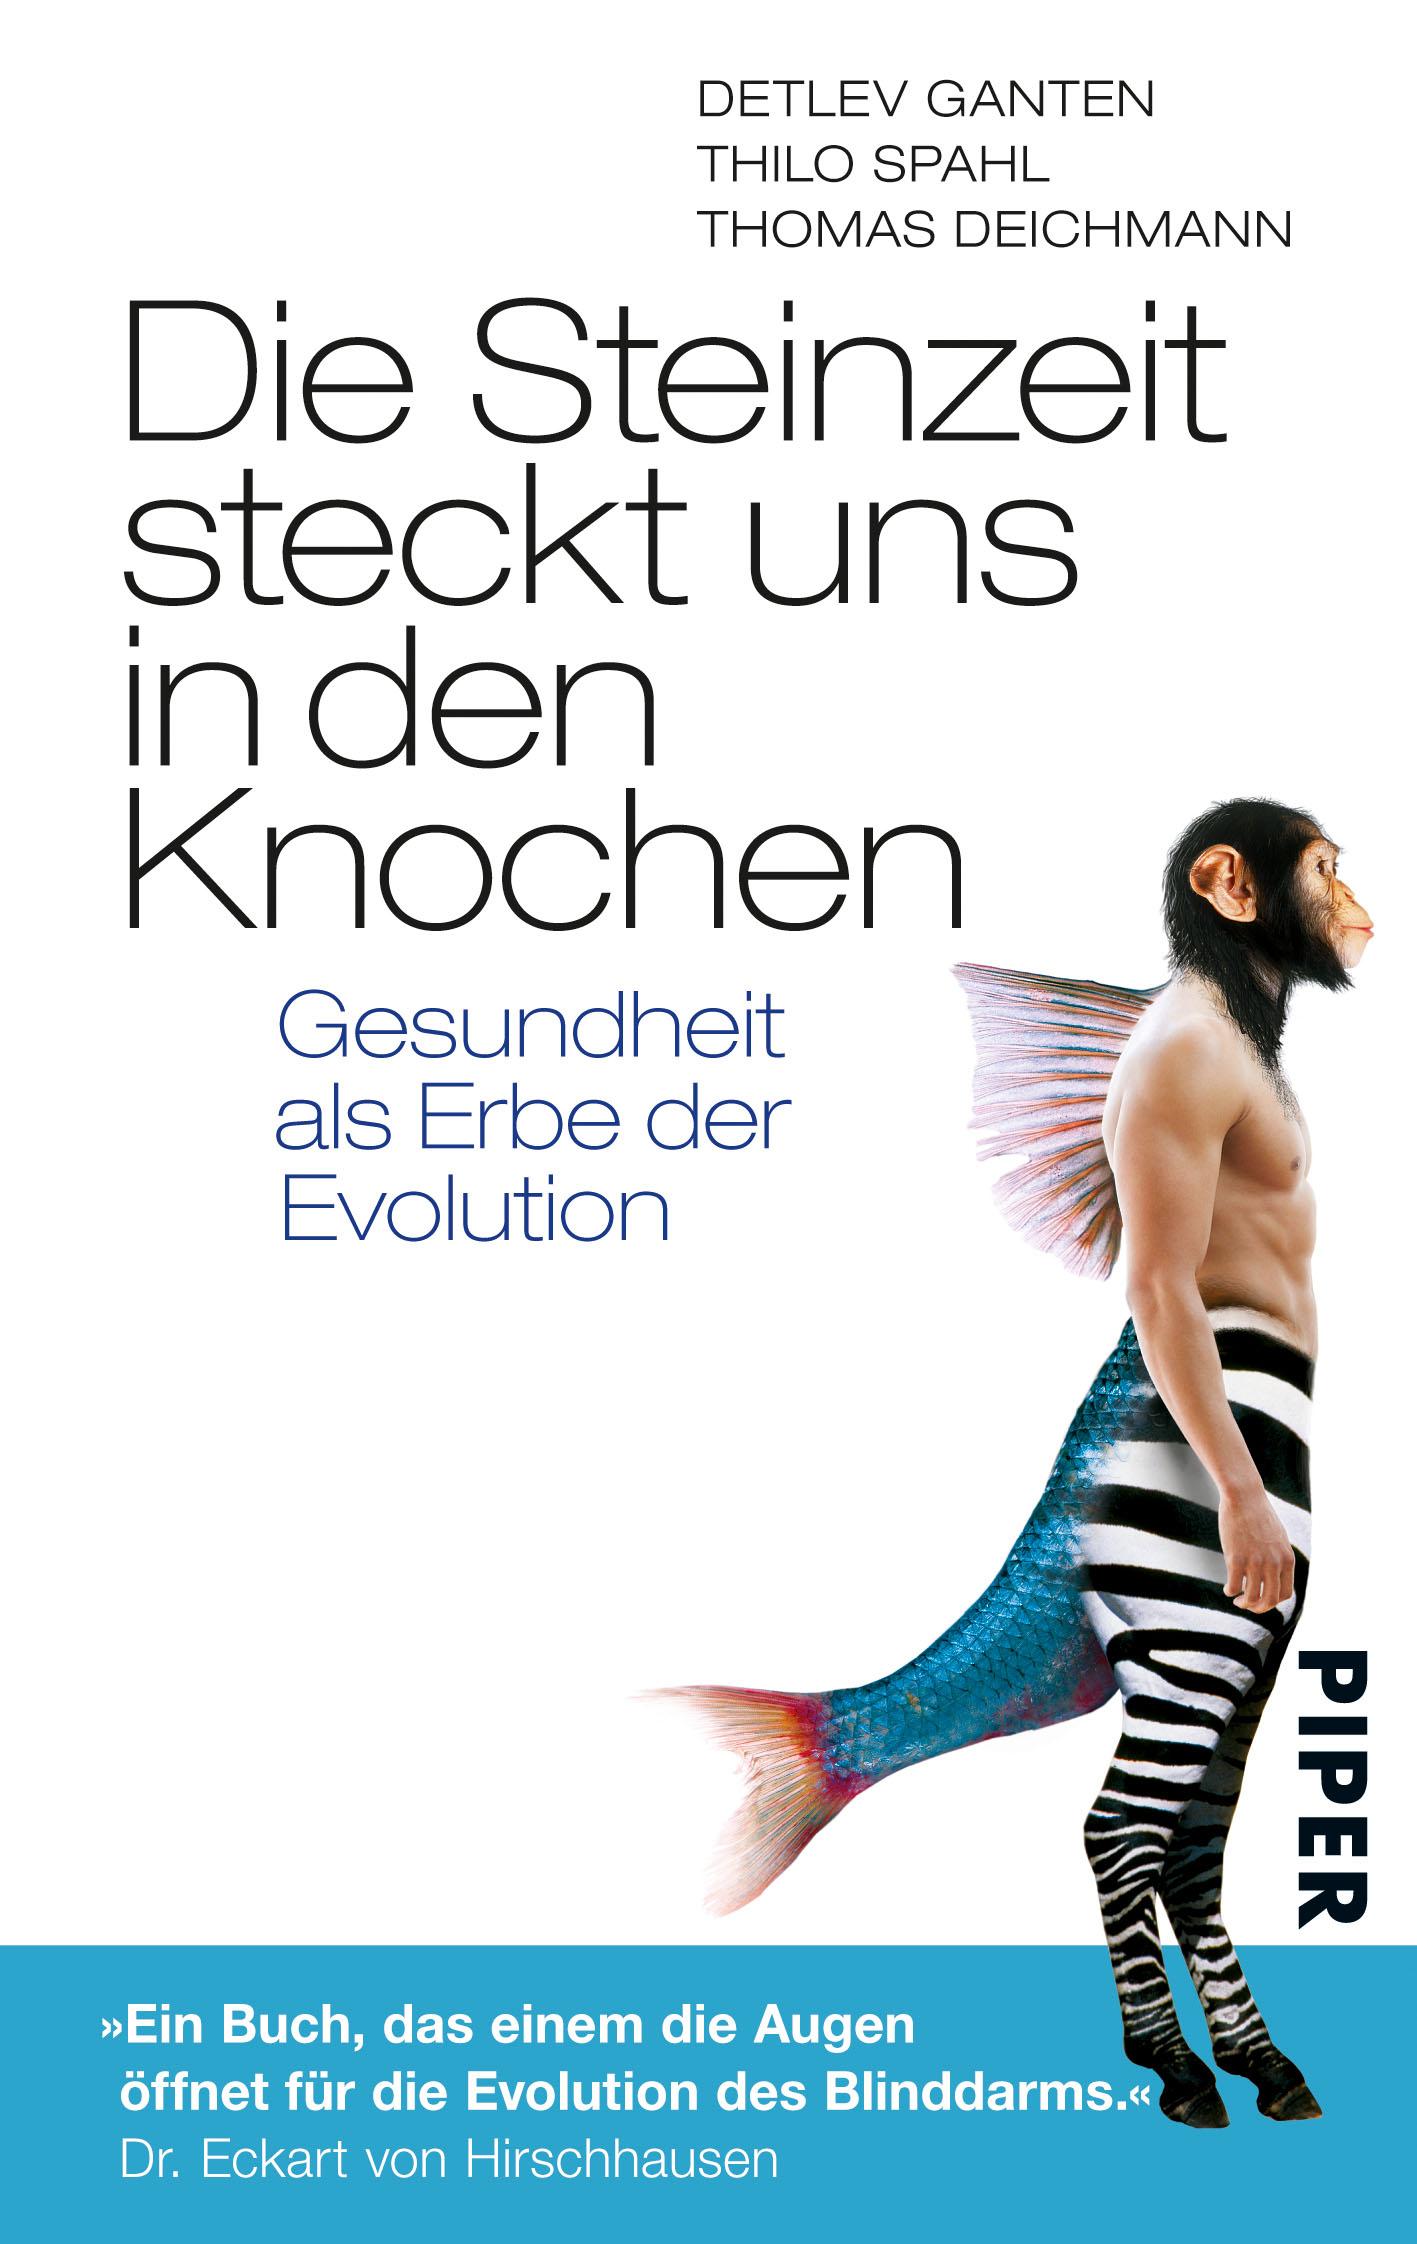 Die Steinzeit steckt uns in den Knochen: Gesundheit als Erbe der Evolution - Detlev Ganten